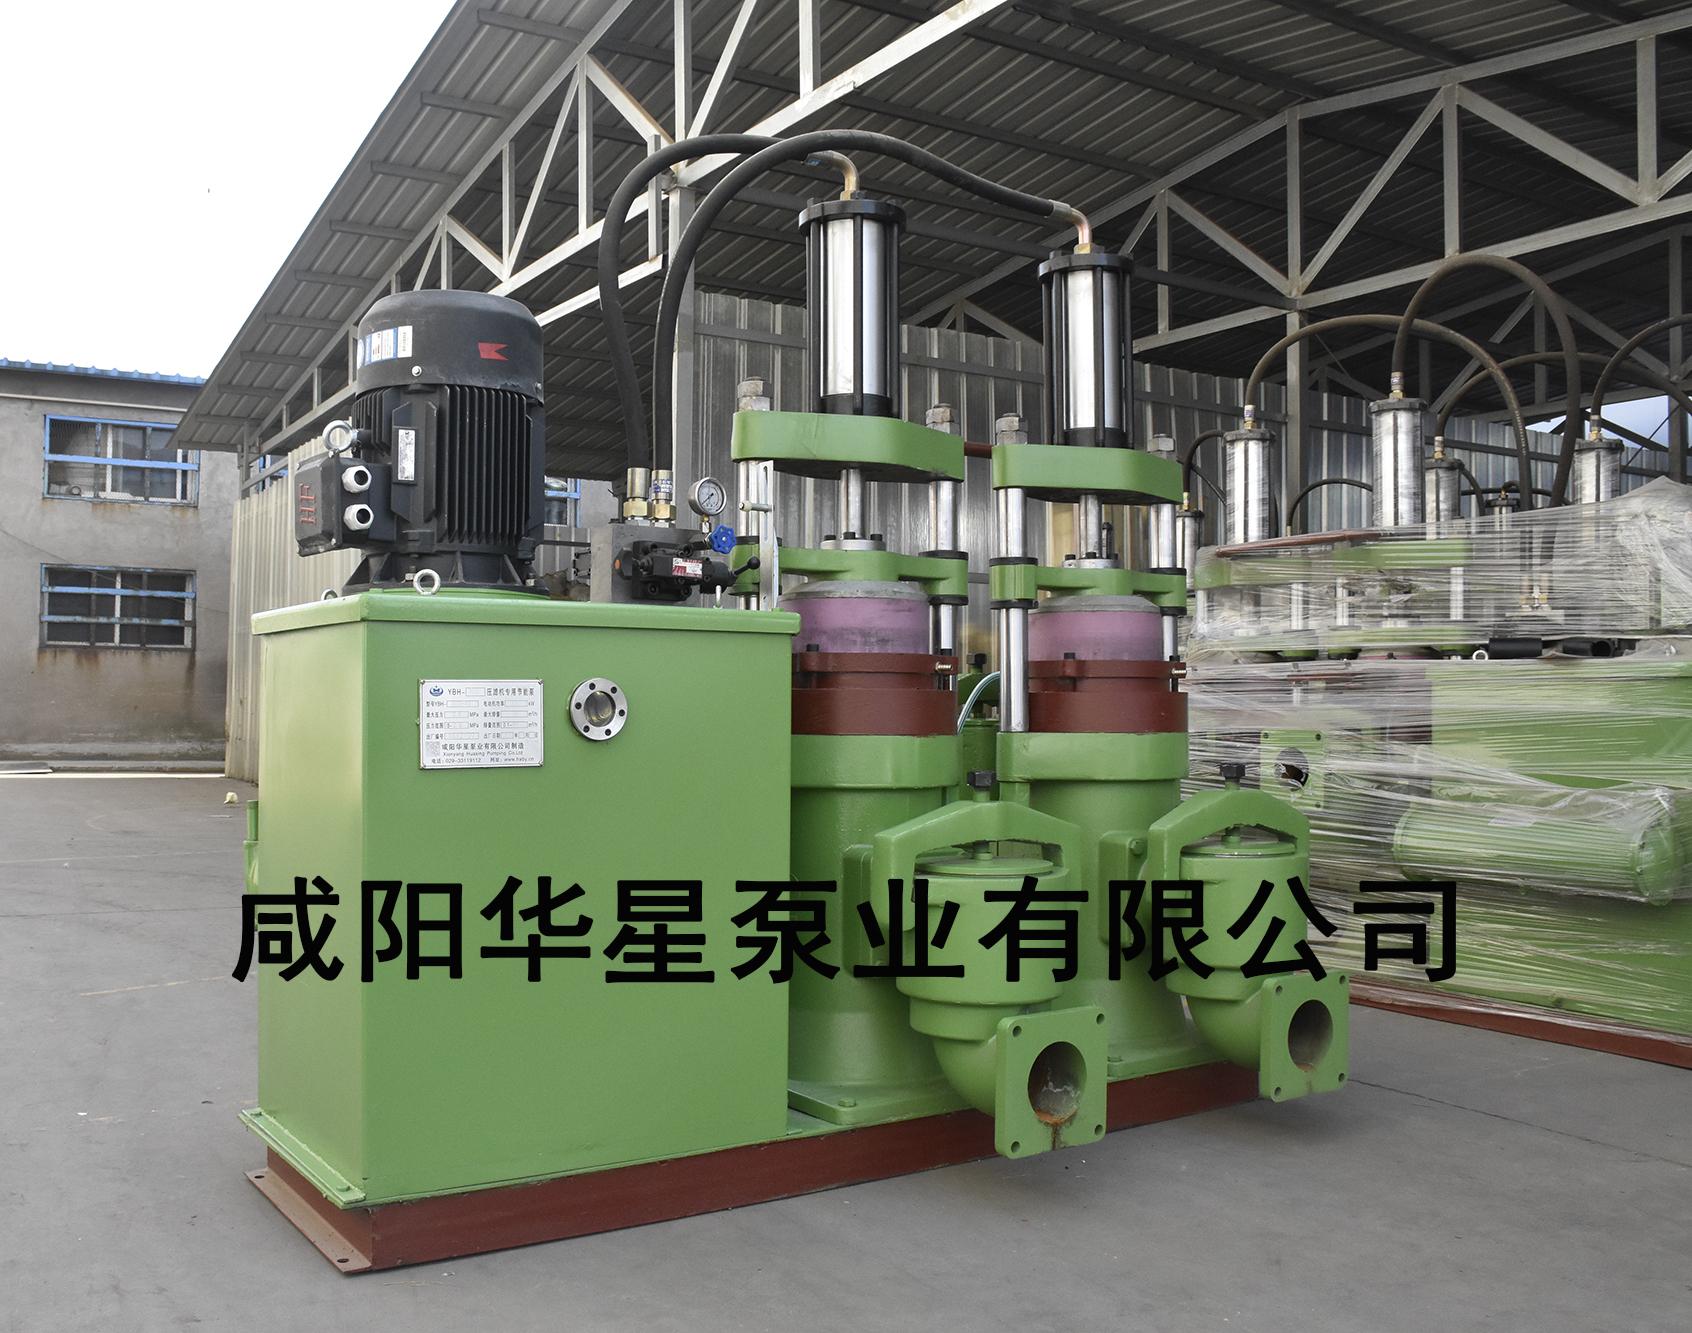 YBH300-40陶瓷柱塞泵/压滤机专用节能泵